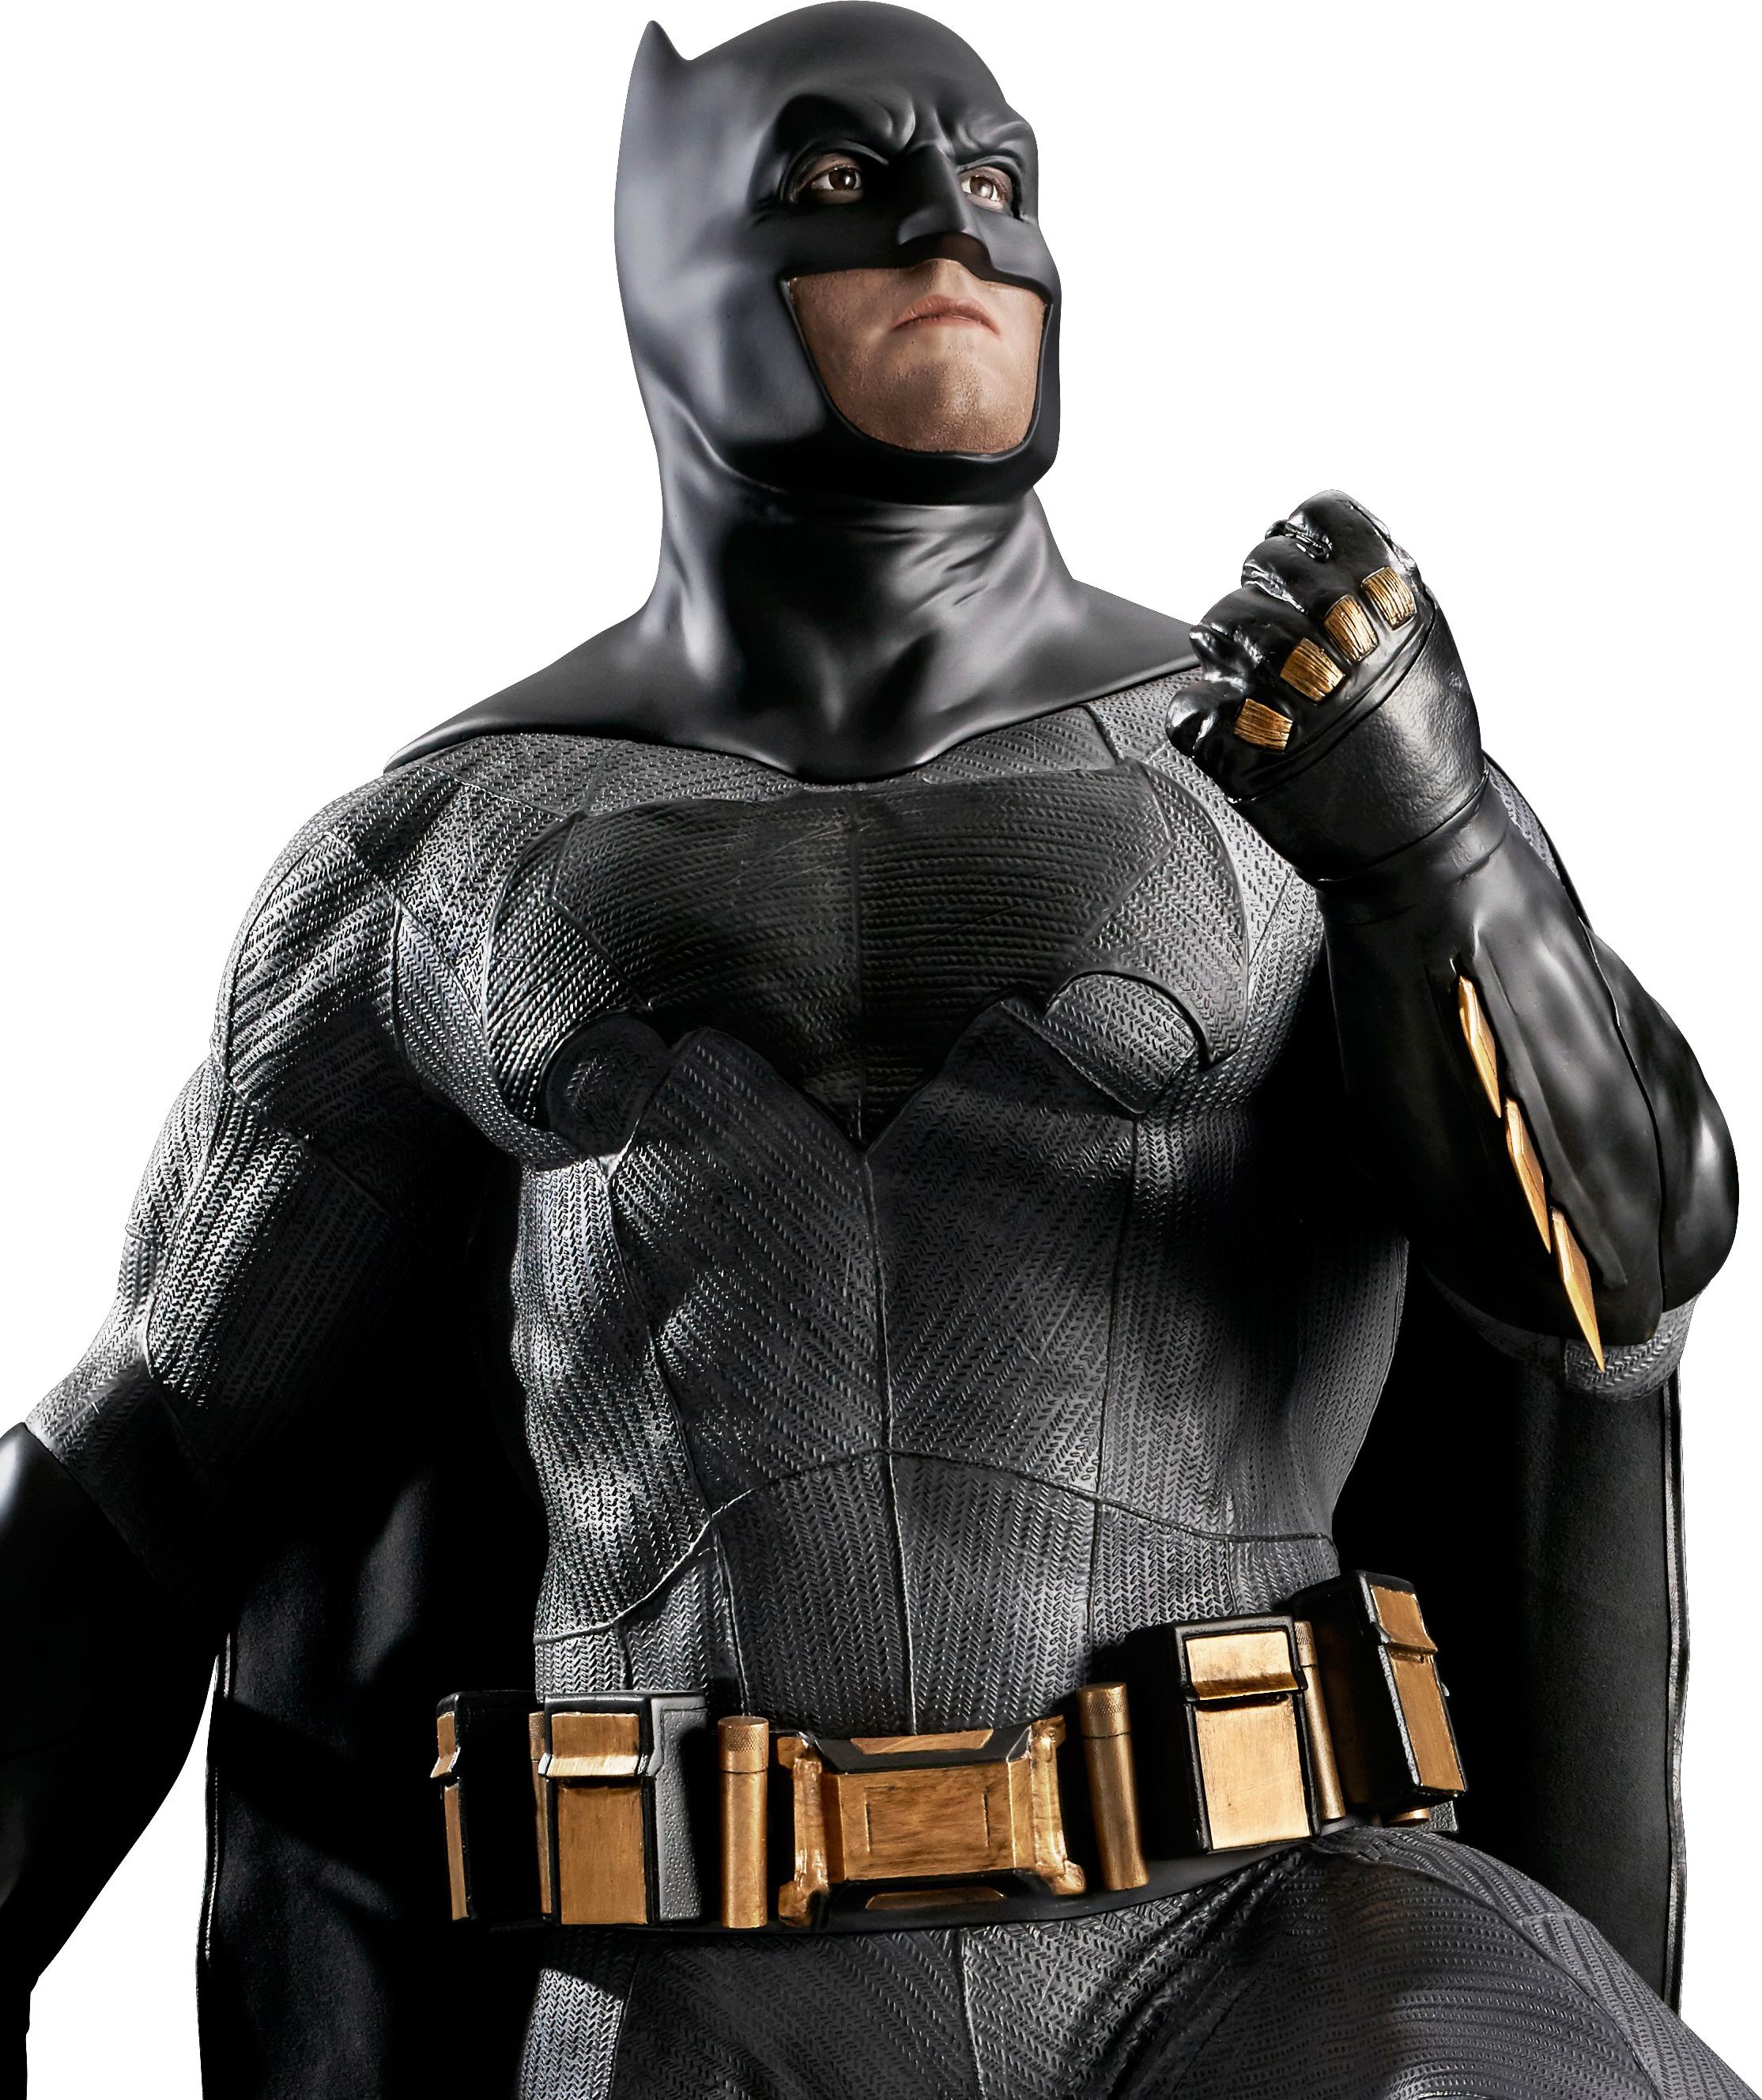 Batman Png Image Batman Batman Poster Batman Armor